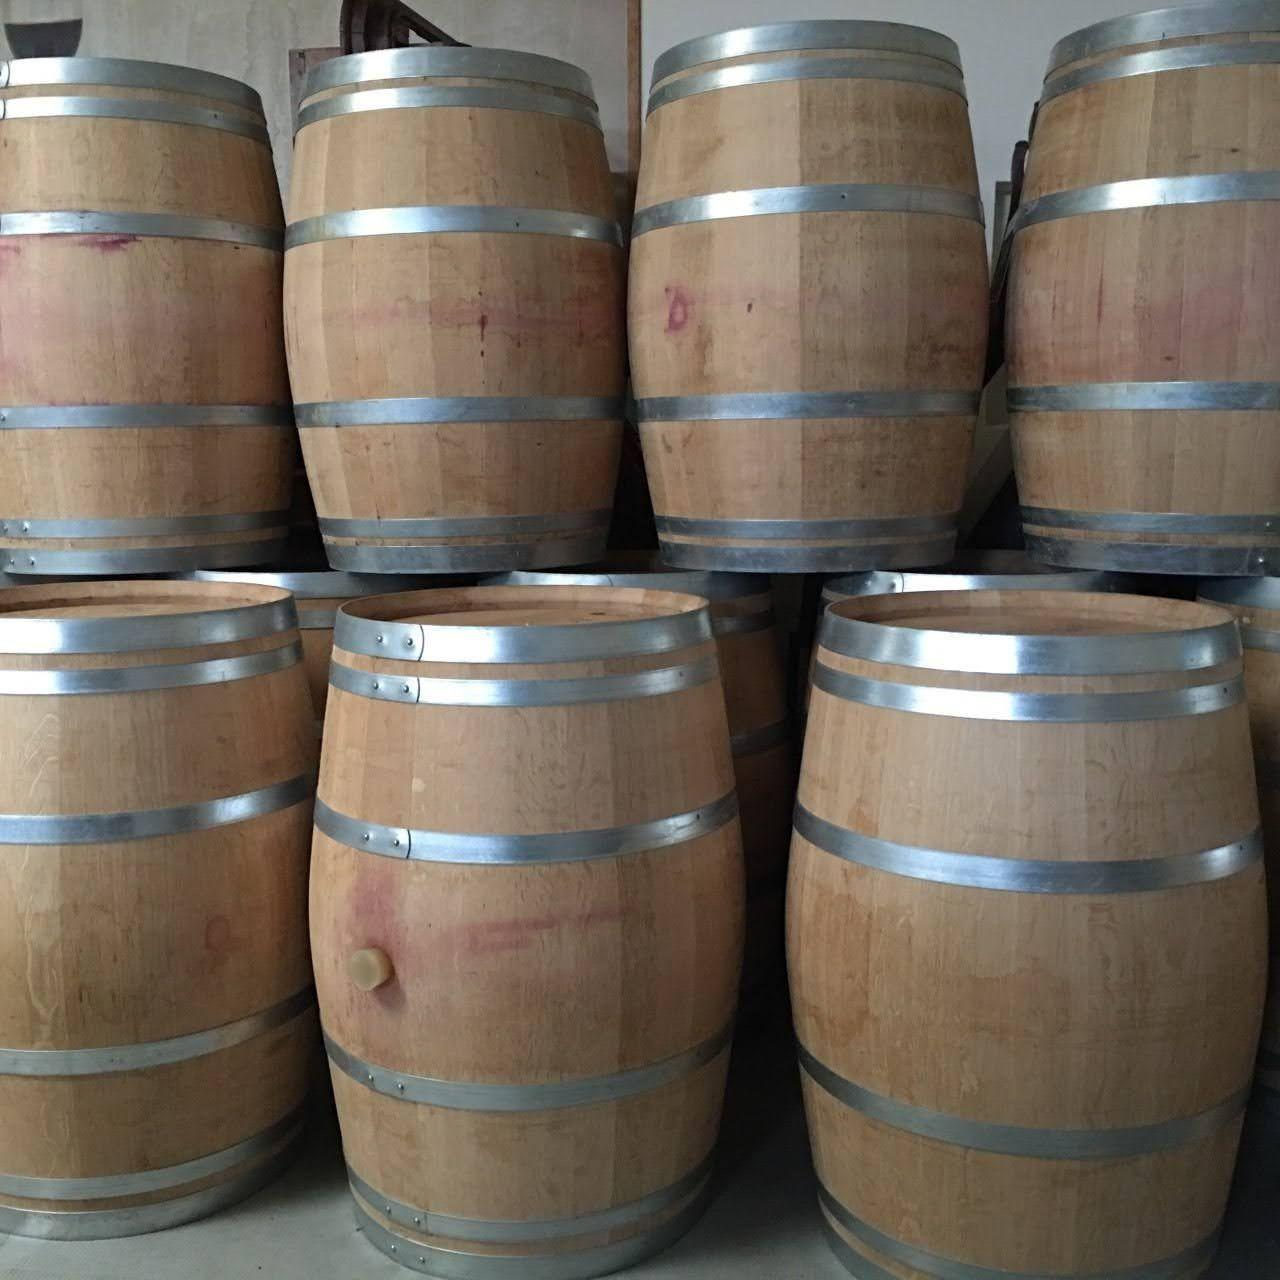 Barricas/Pipos/Barris/Pipas em madeira de carvalho francês 225L